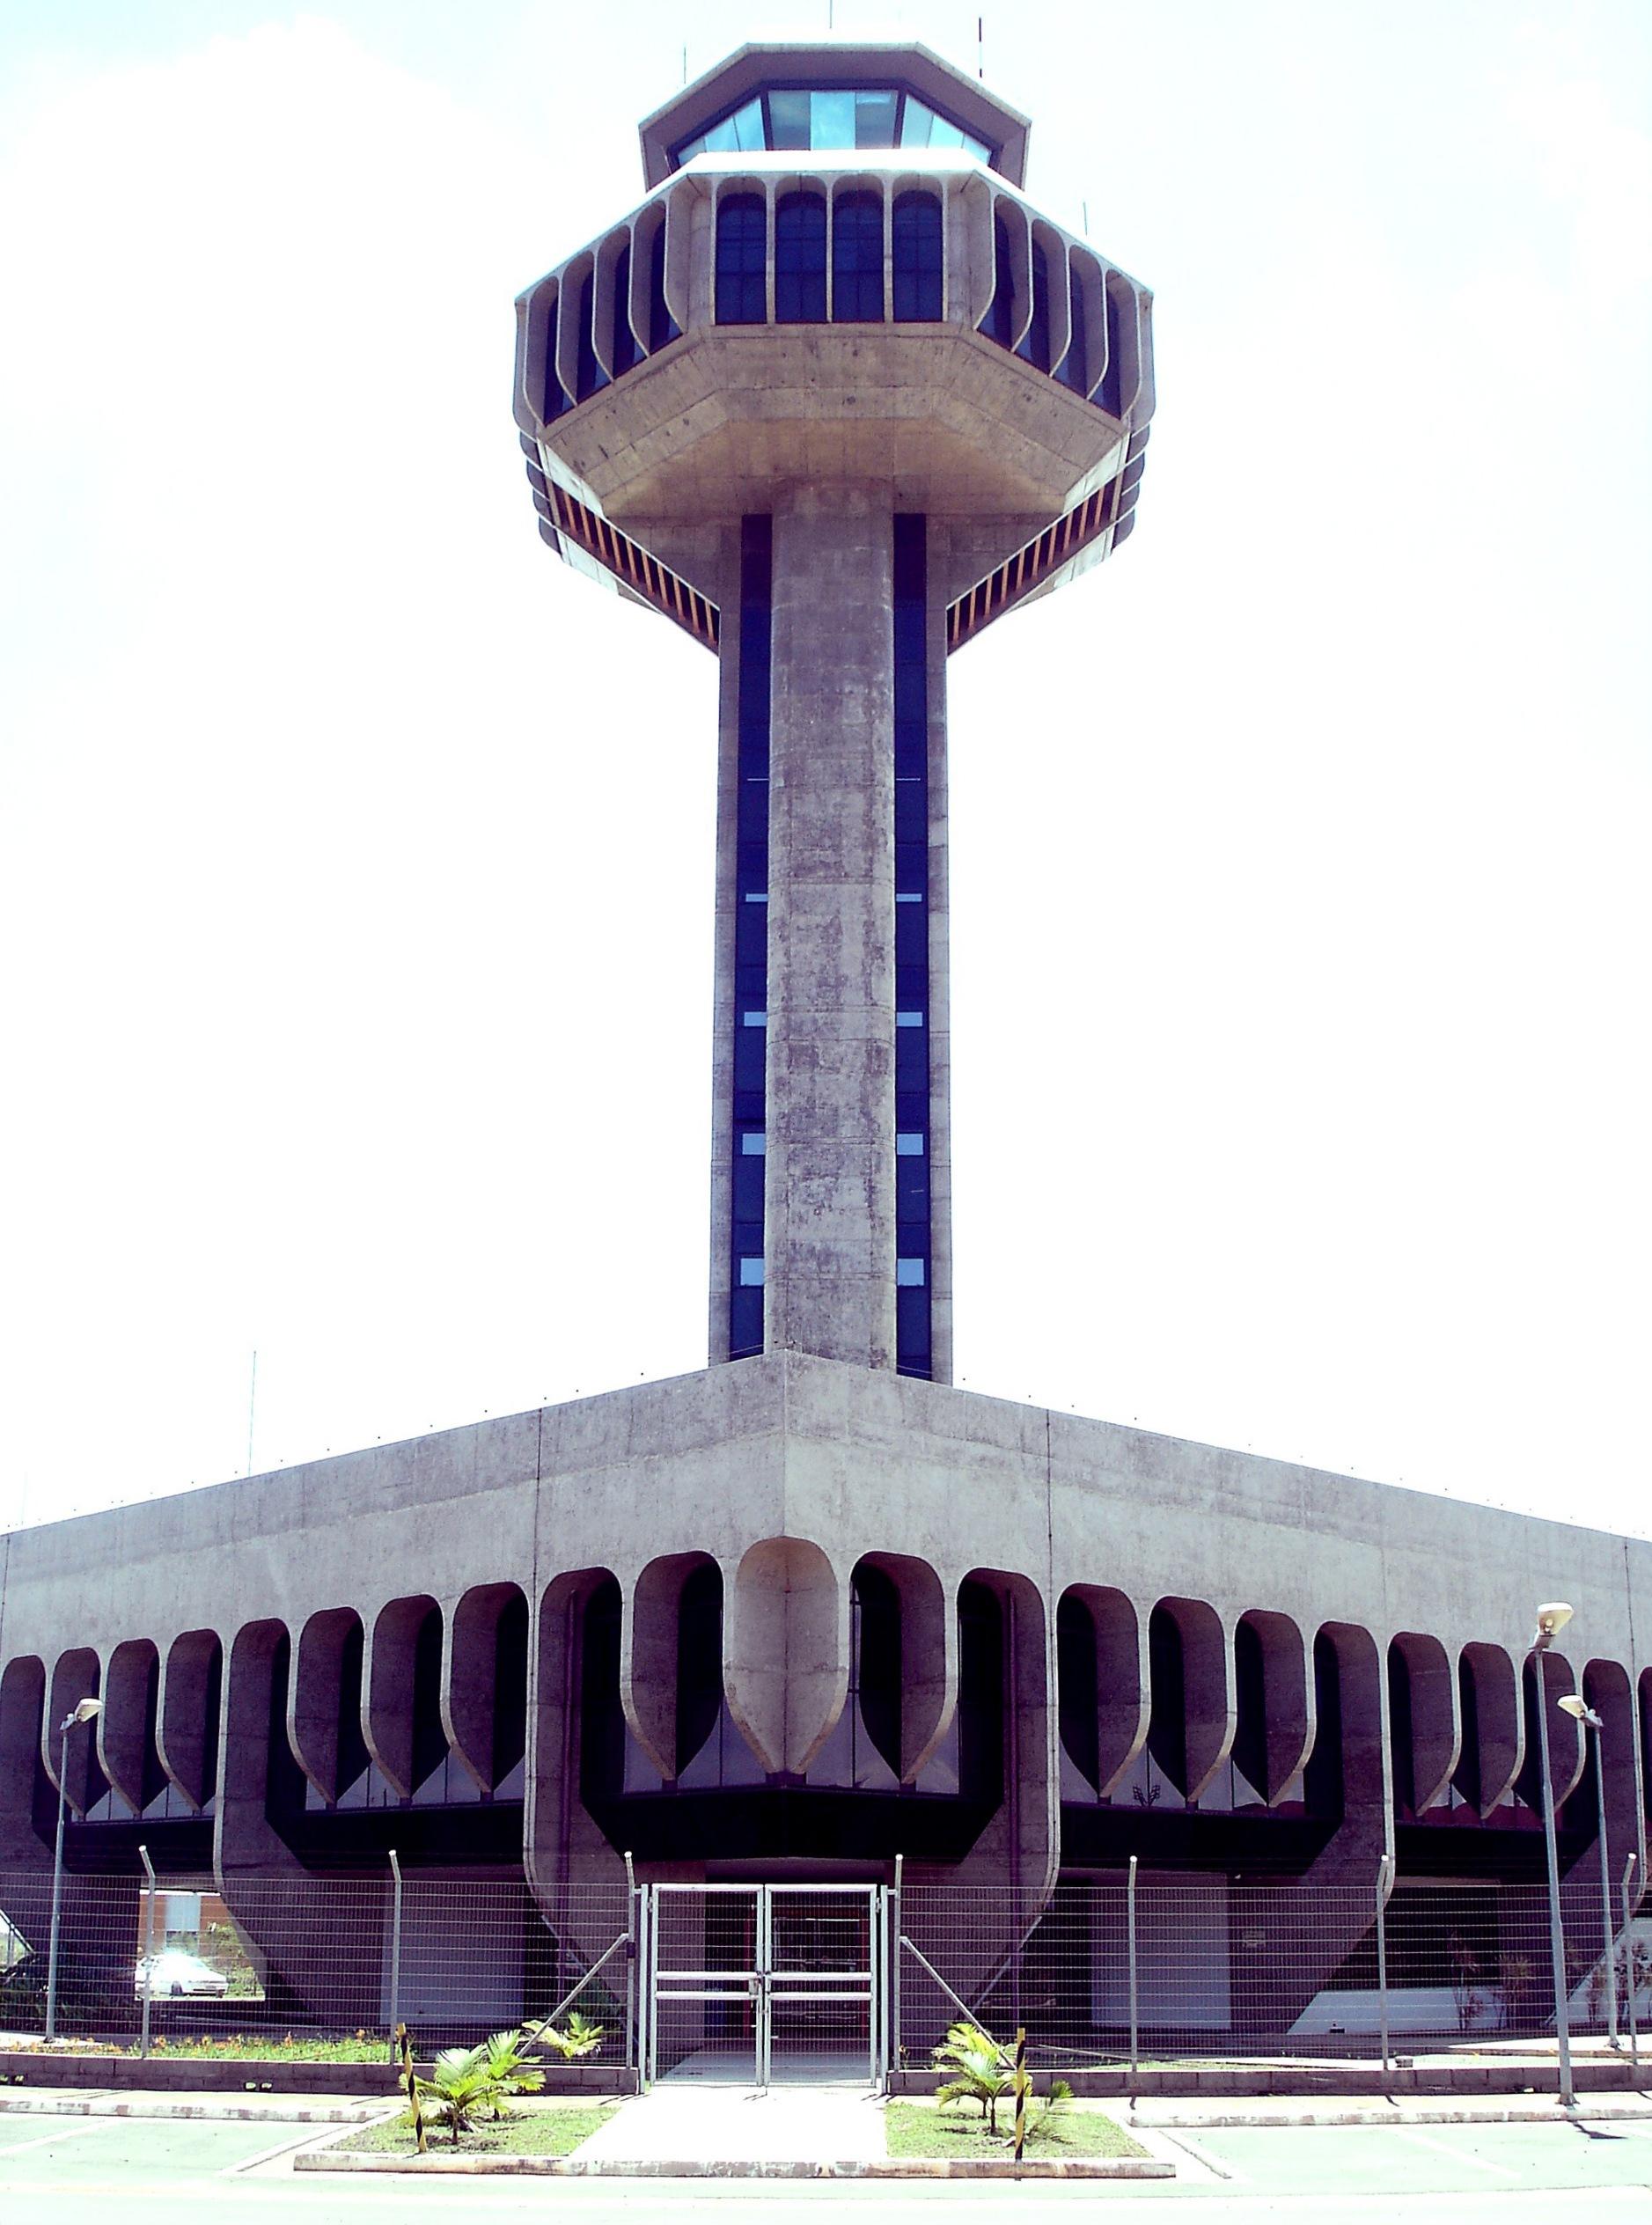 Aeroporto Viracopos : Google images